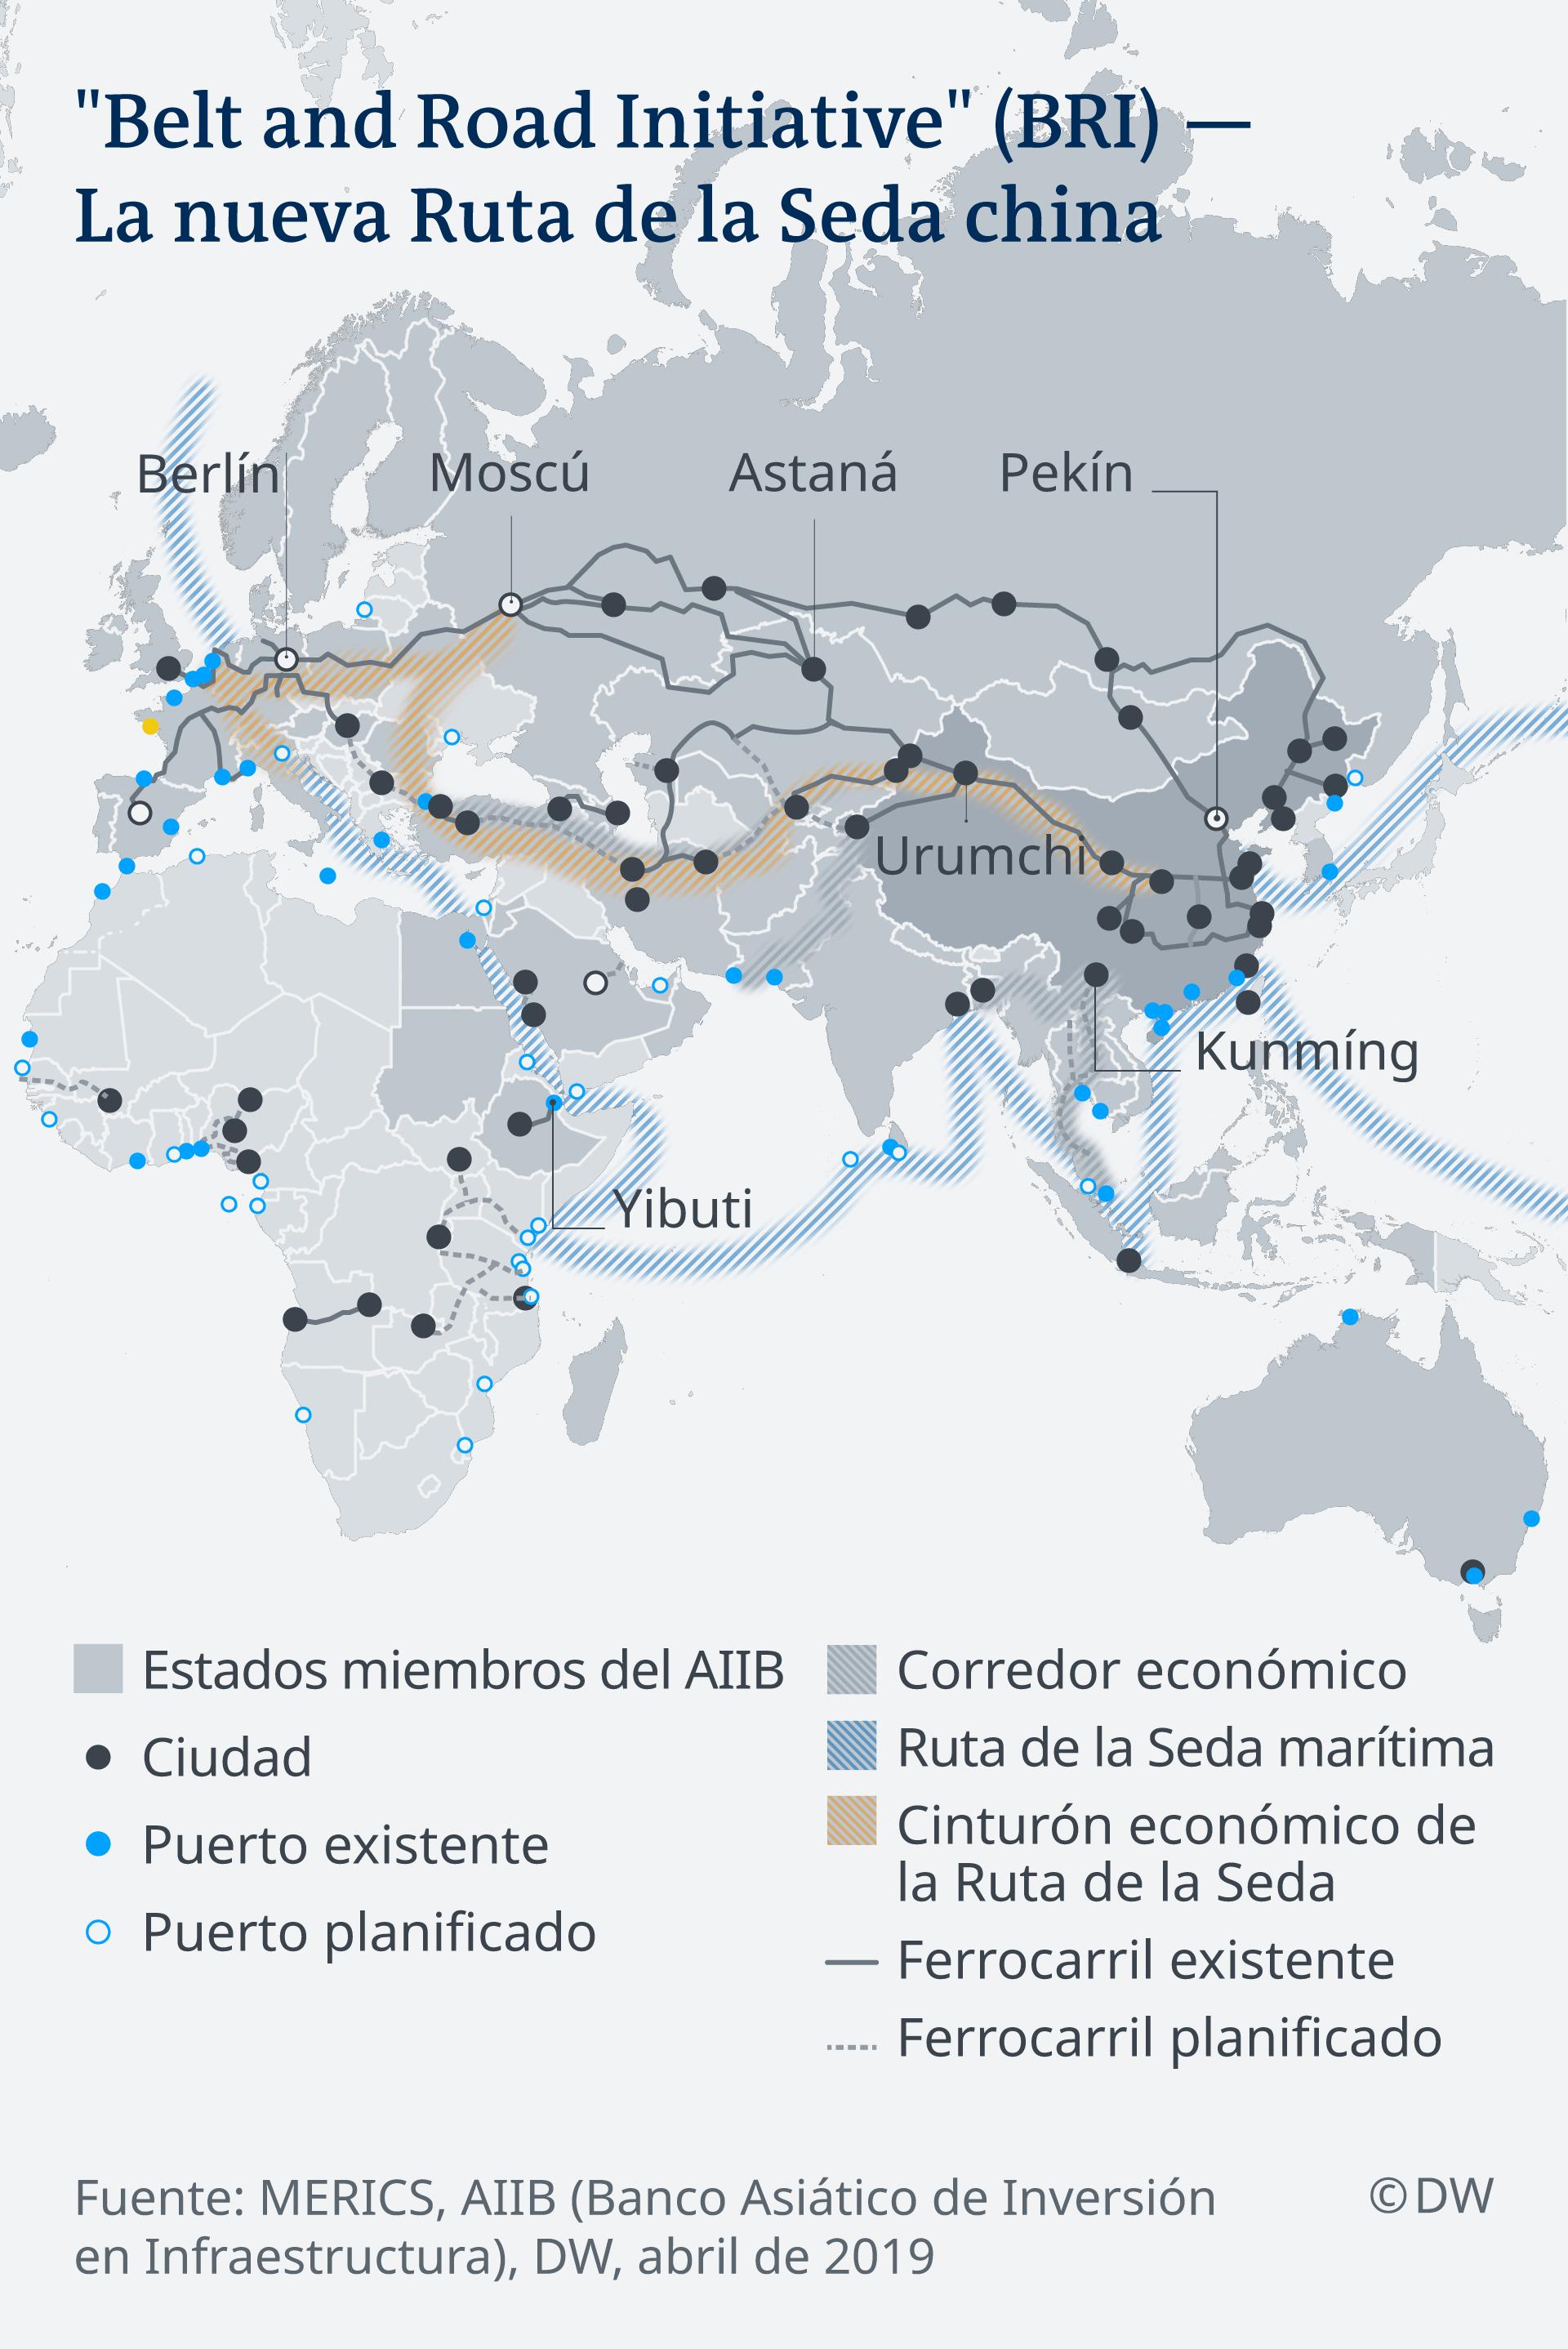 La Nueva Ruta de la Seda china: ¿oportunidad o amenaza